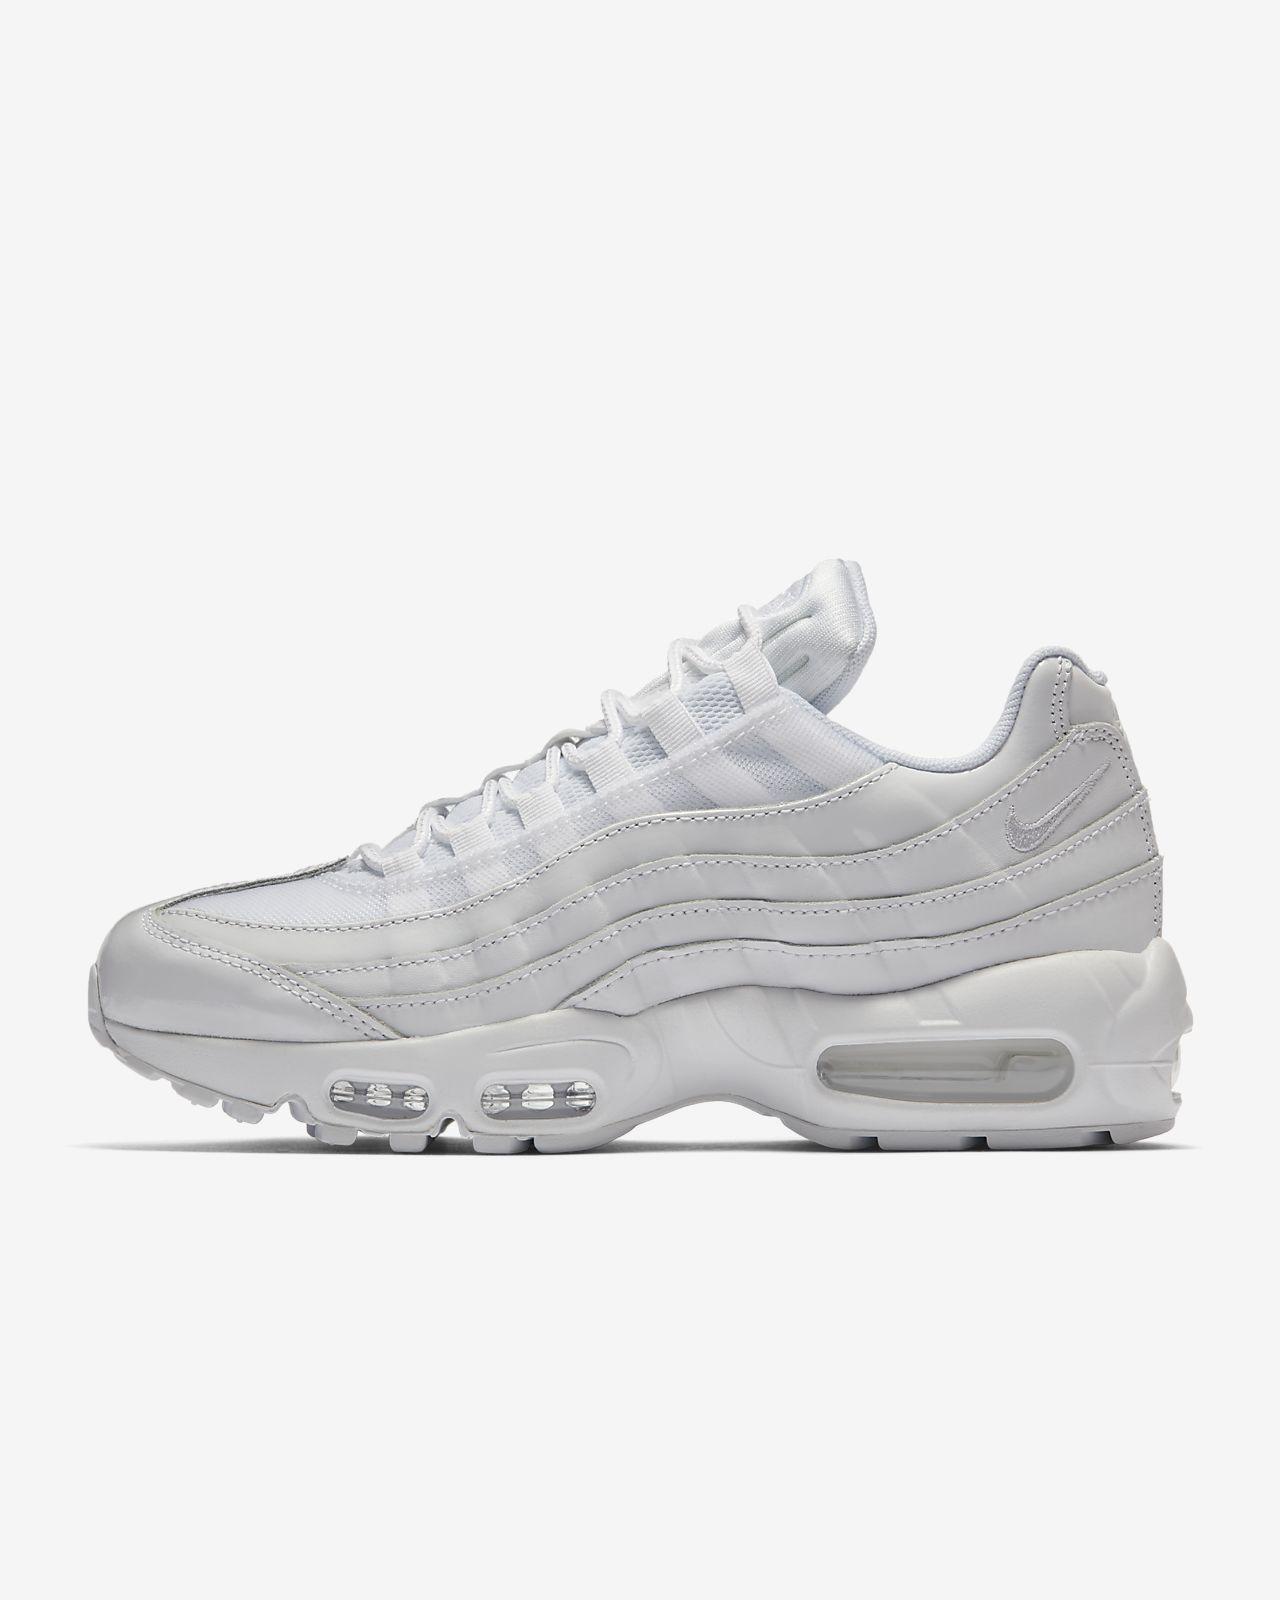 air max 95 ragazzo scarpe